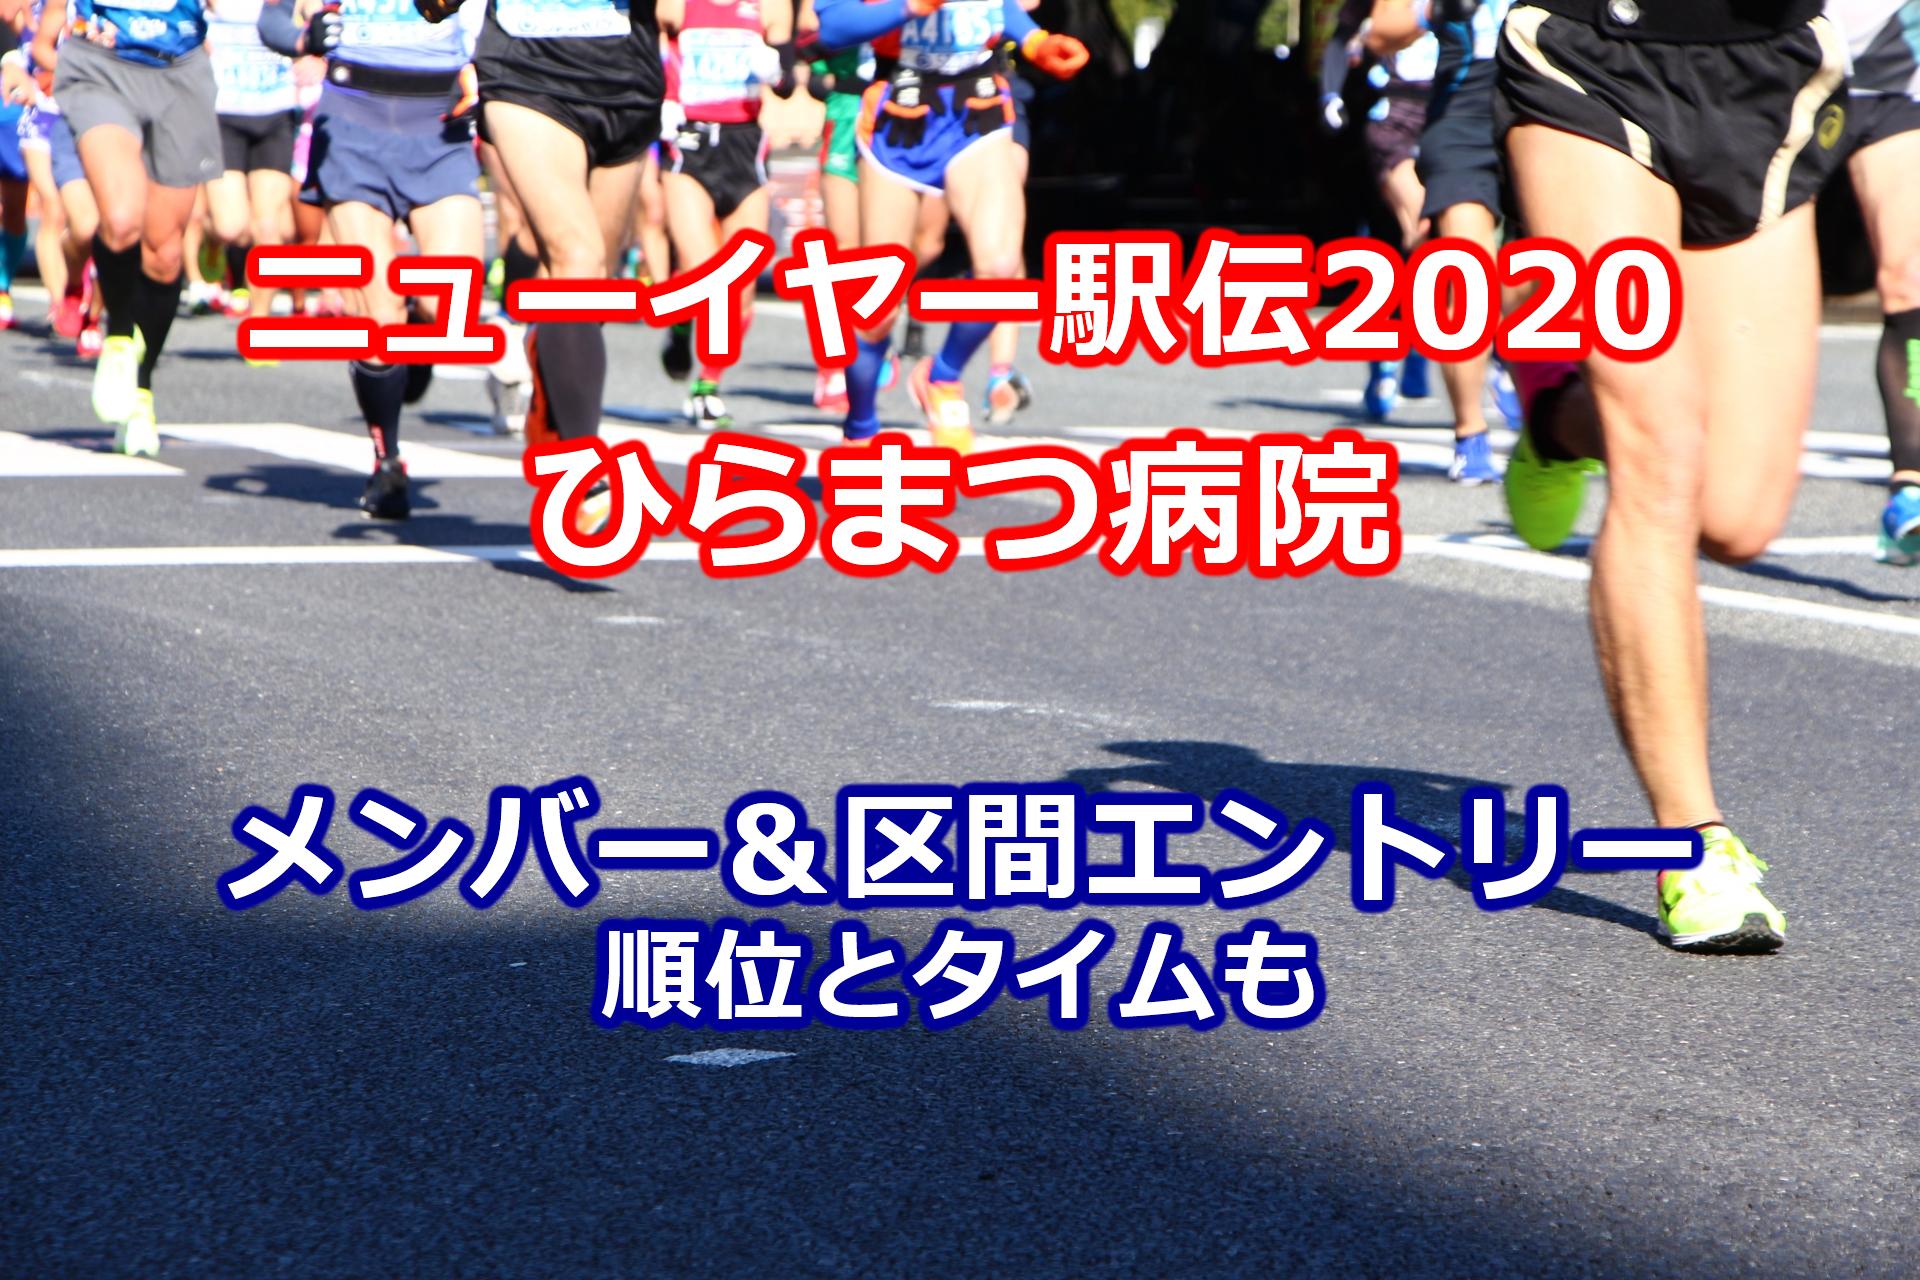 ニューイヤー駅伝2020ひらまつ病院メンバー・区間エントリー・結果・順位・タイムまとめ